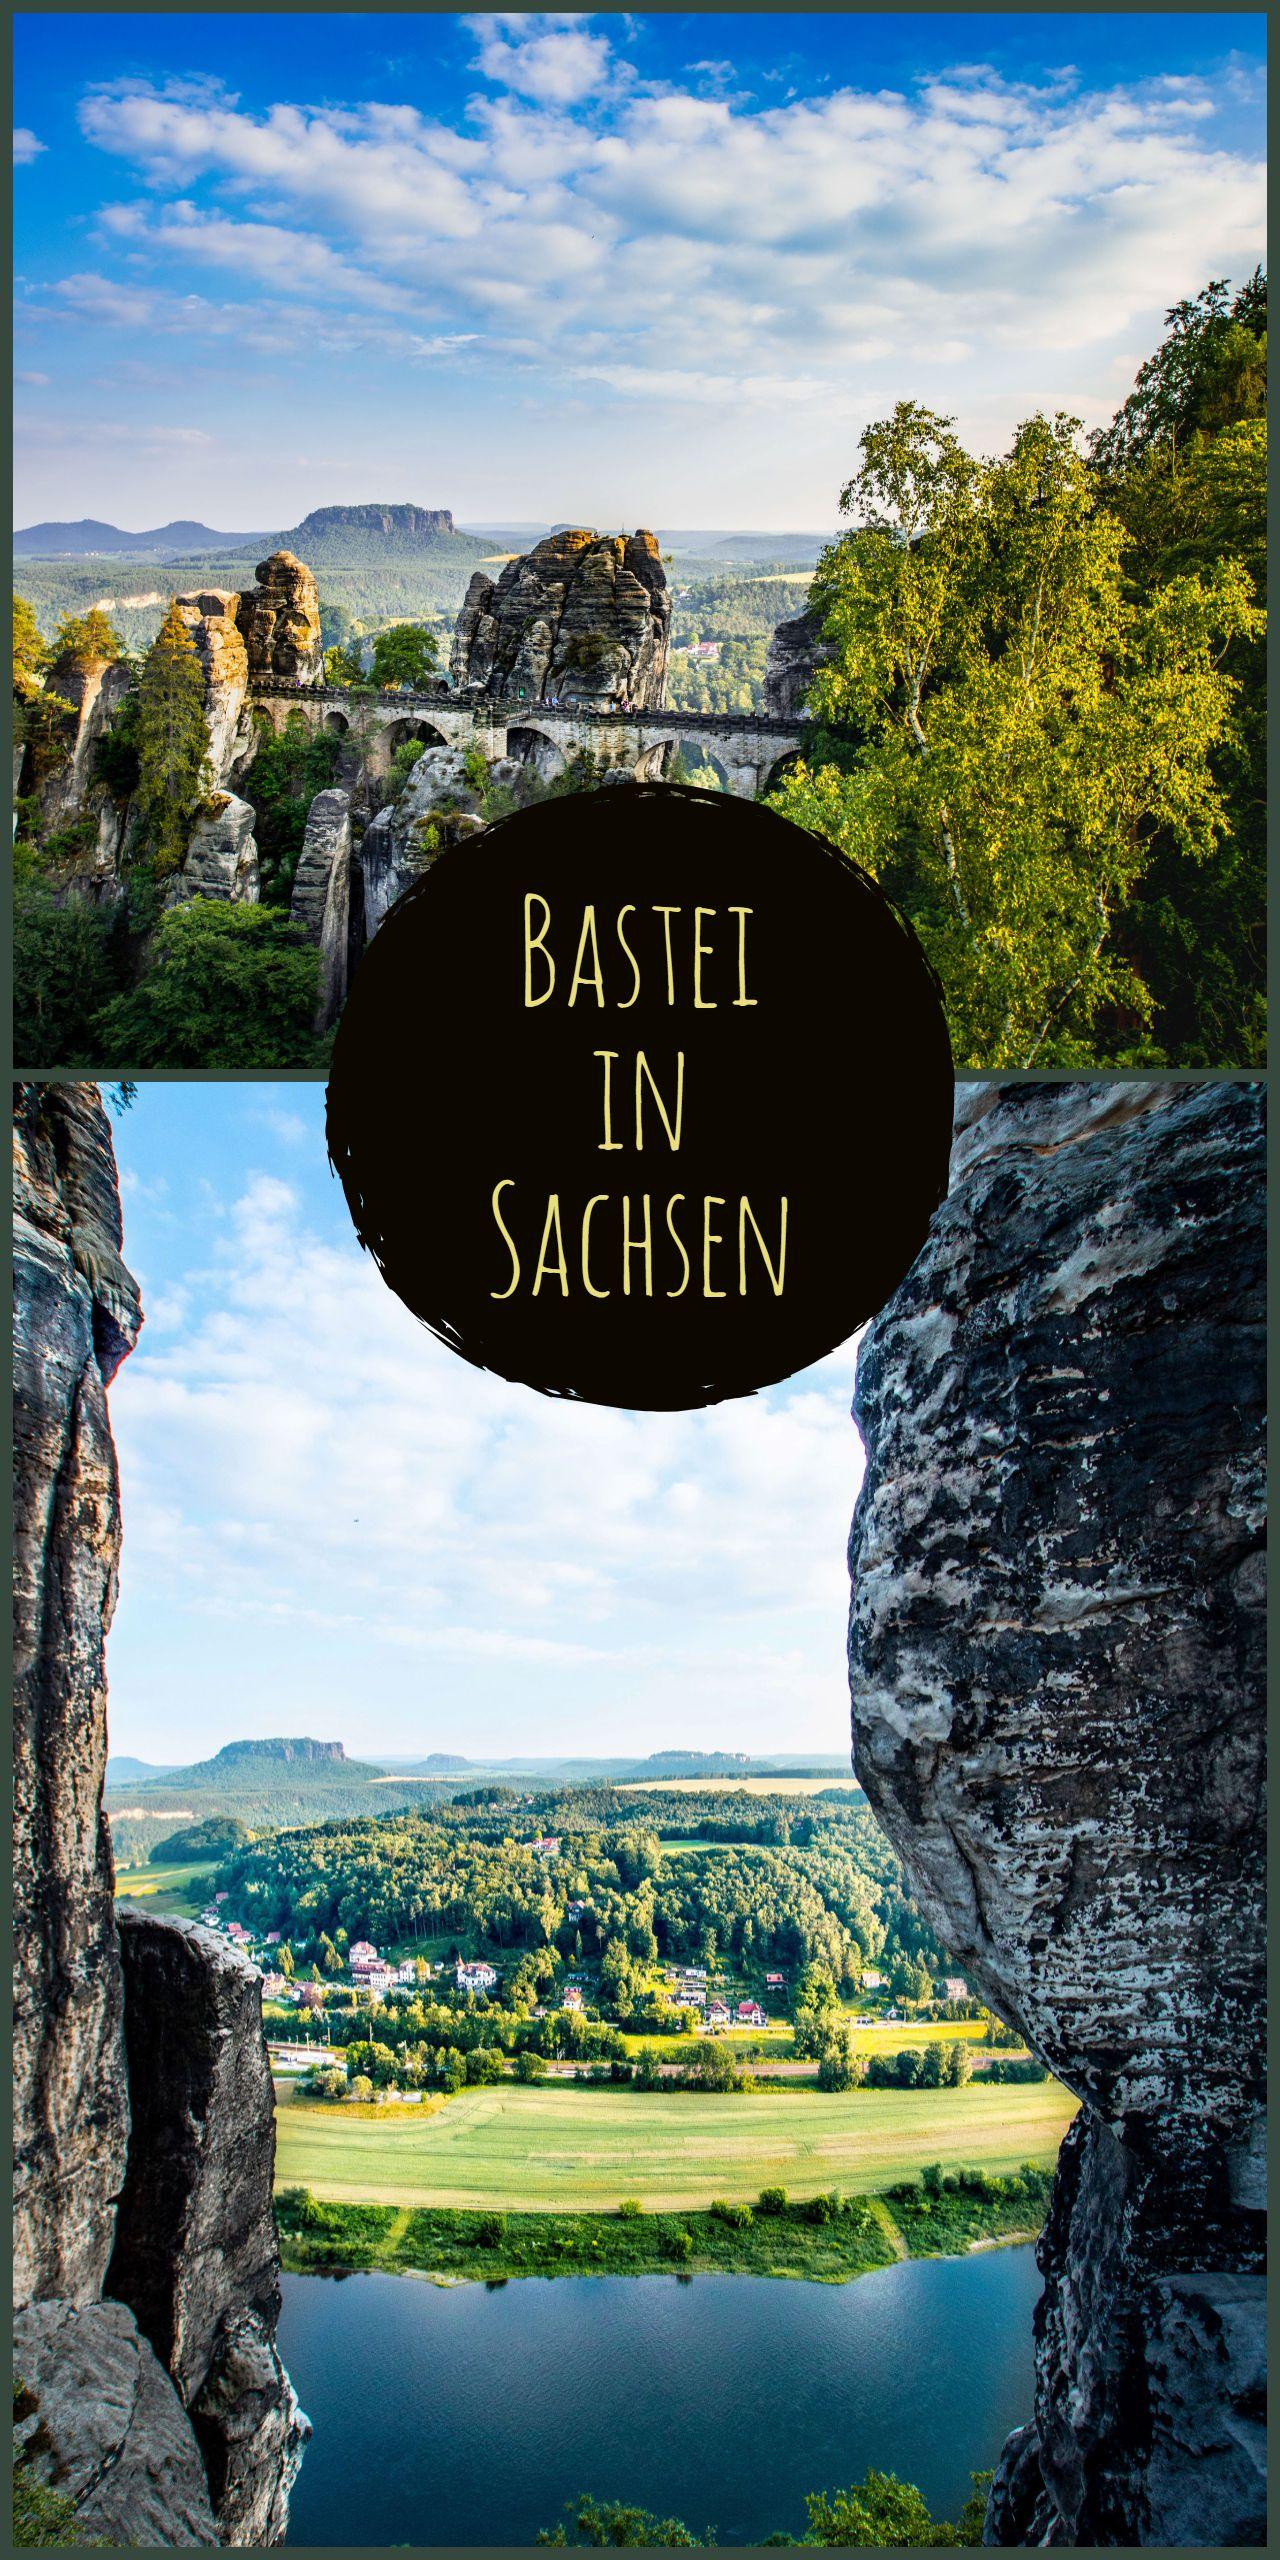 4a20eaca91078 Die Bastei ist eine der meist besuchtesten Sehenswürdigkeiten der  Sächsischen Schweiz. Hier findet ihr Tipps und Informationen für euren  Ausflug zu dieser ...